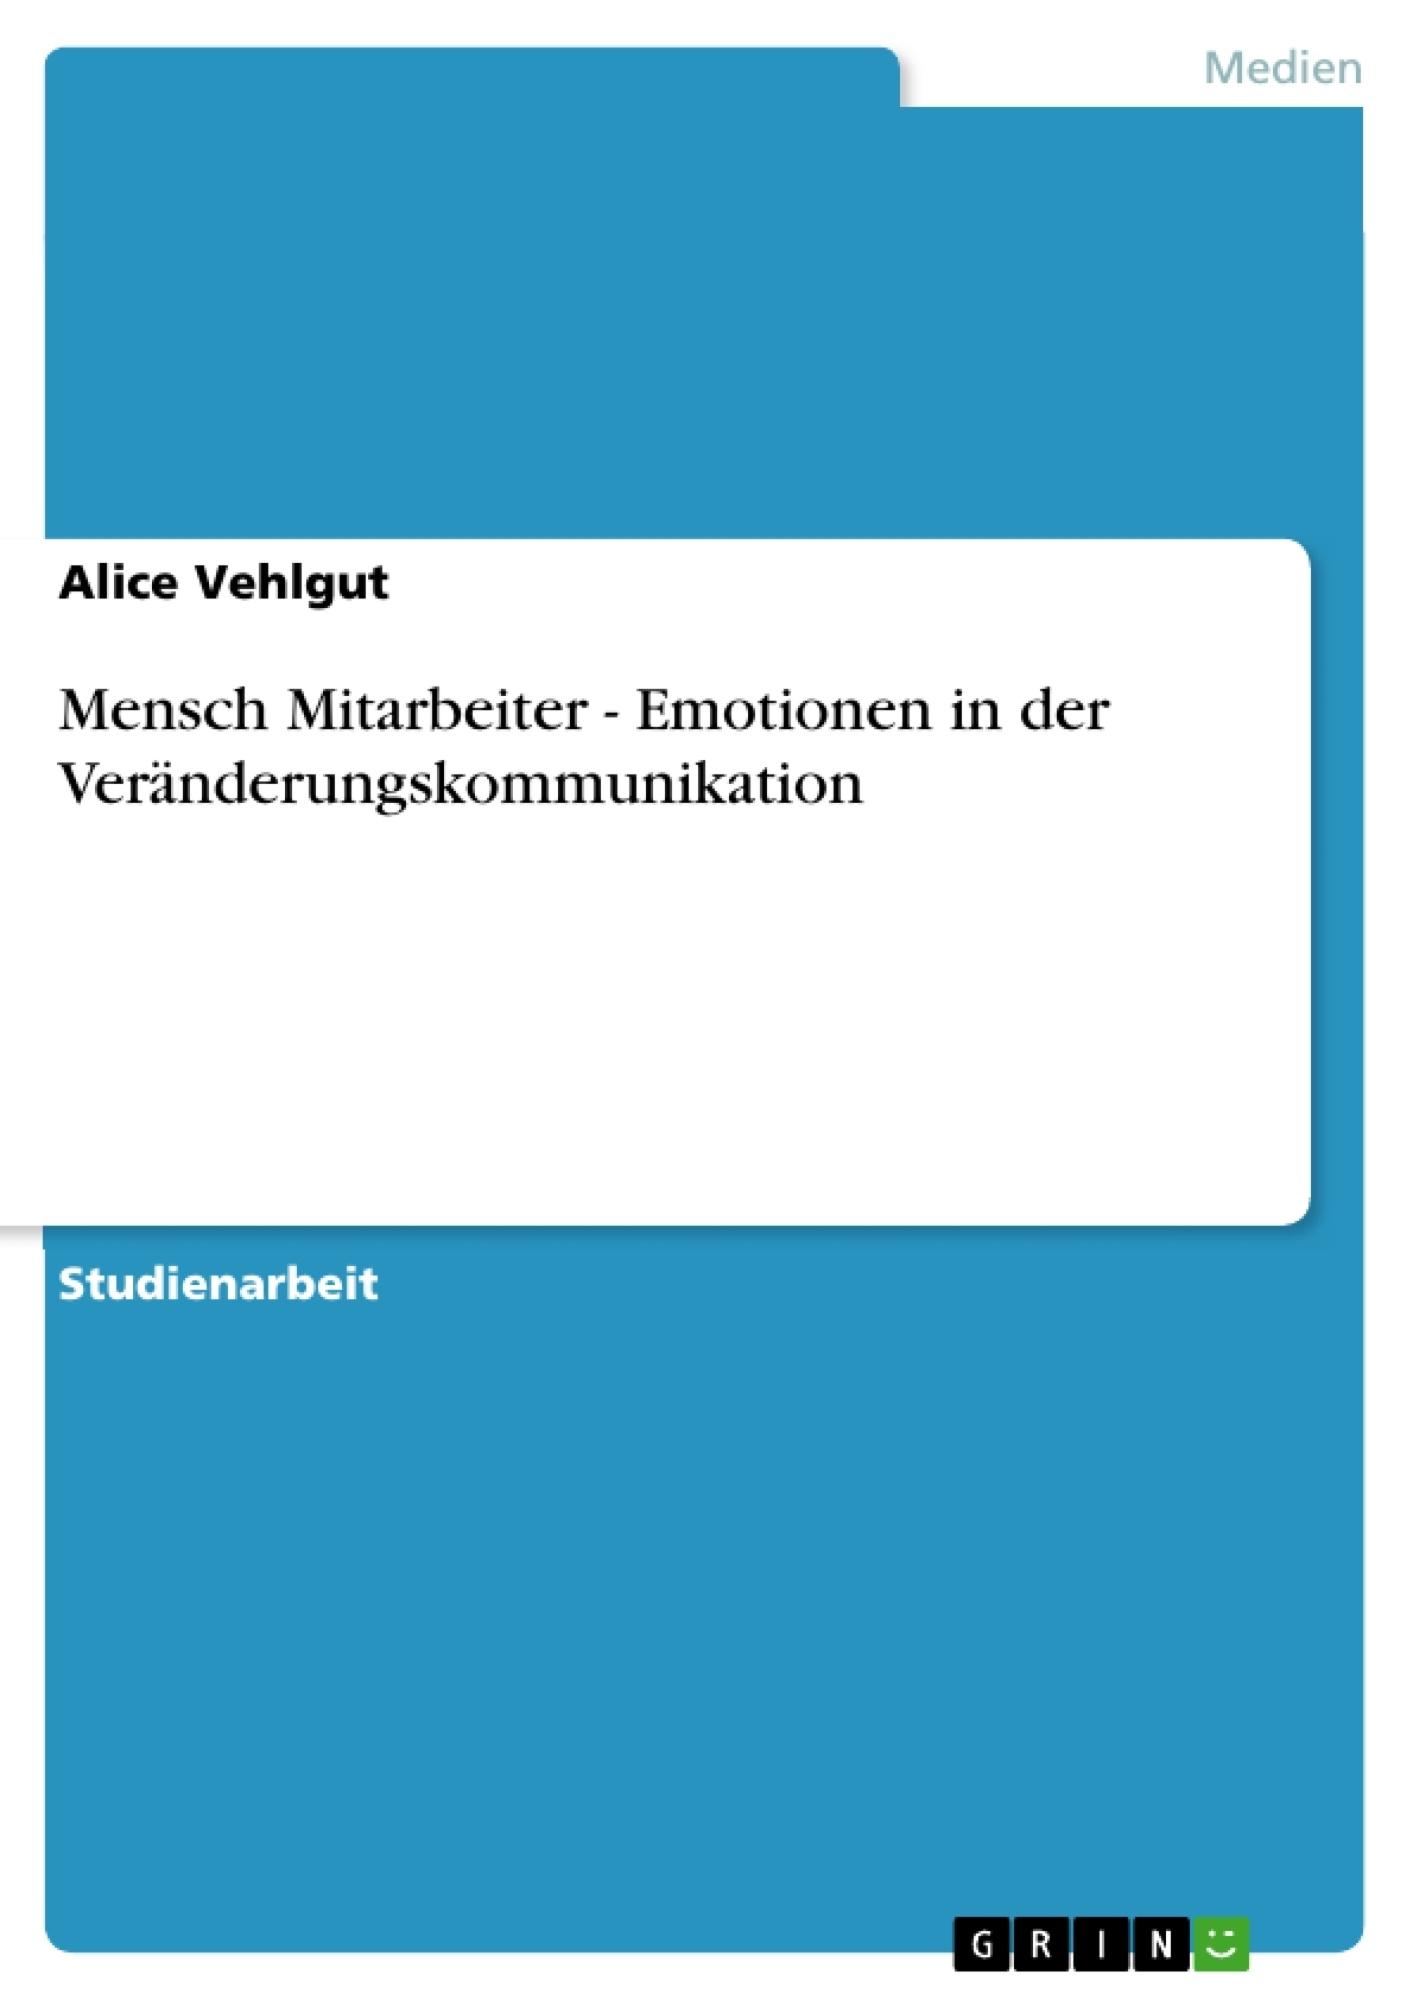 Titel: Mensch Mitarbeiter - Emotionen in der Veränderungskommunikation